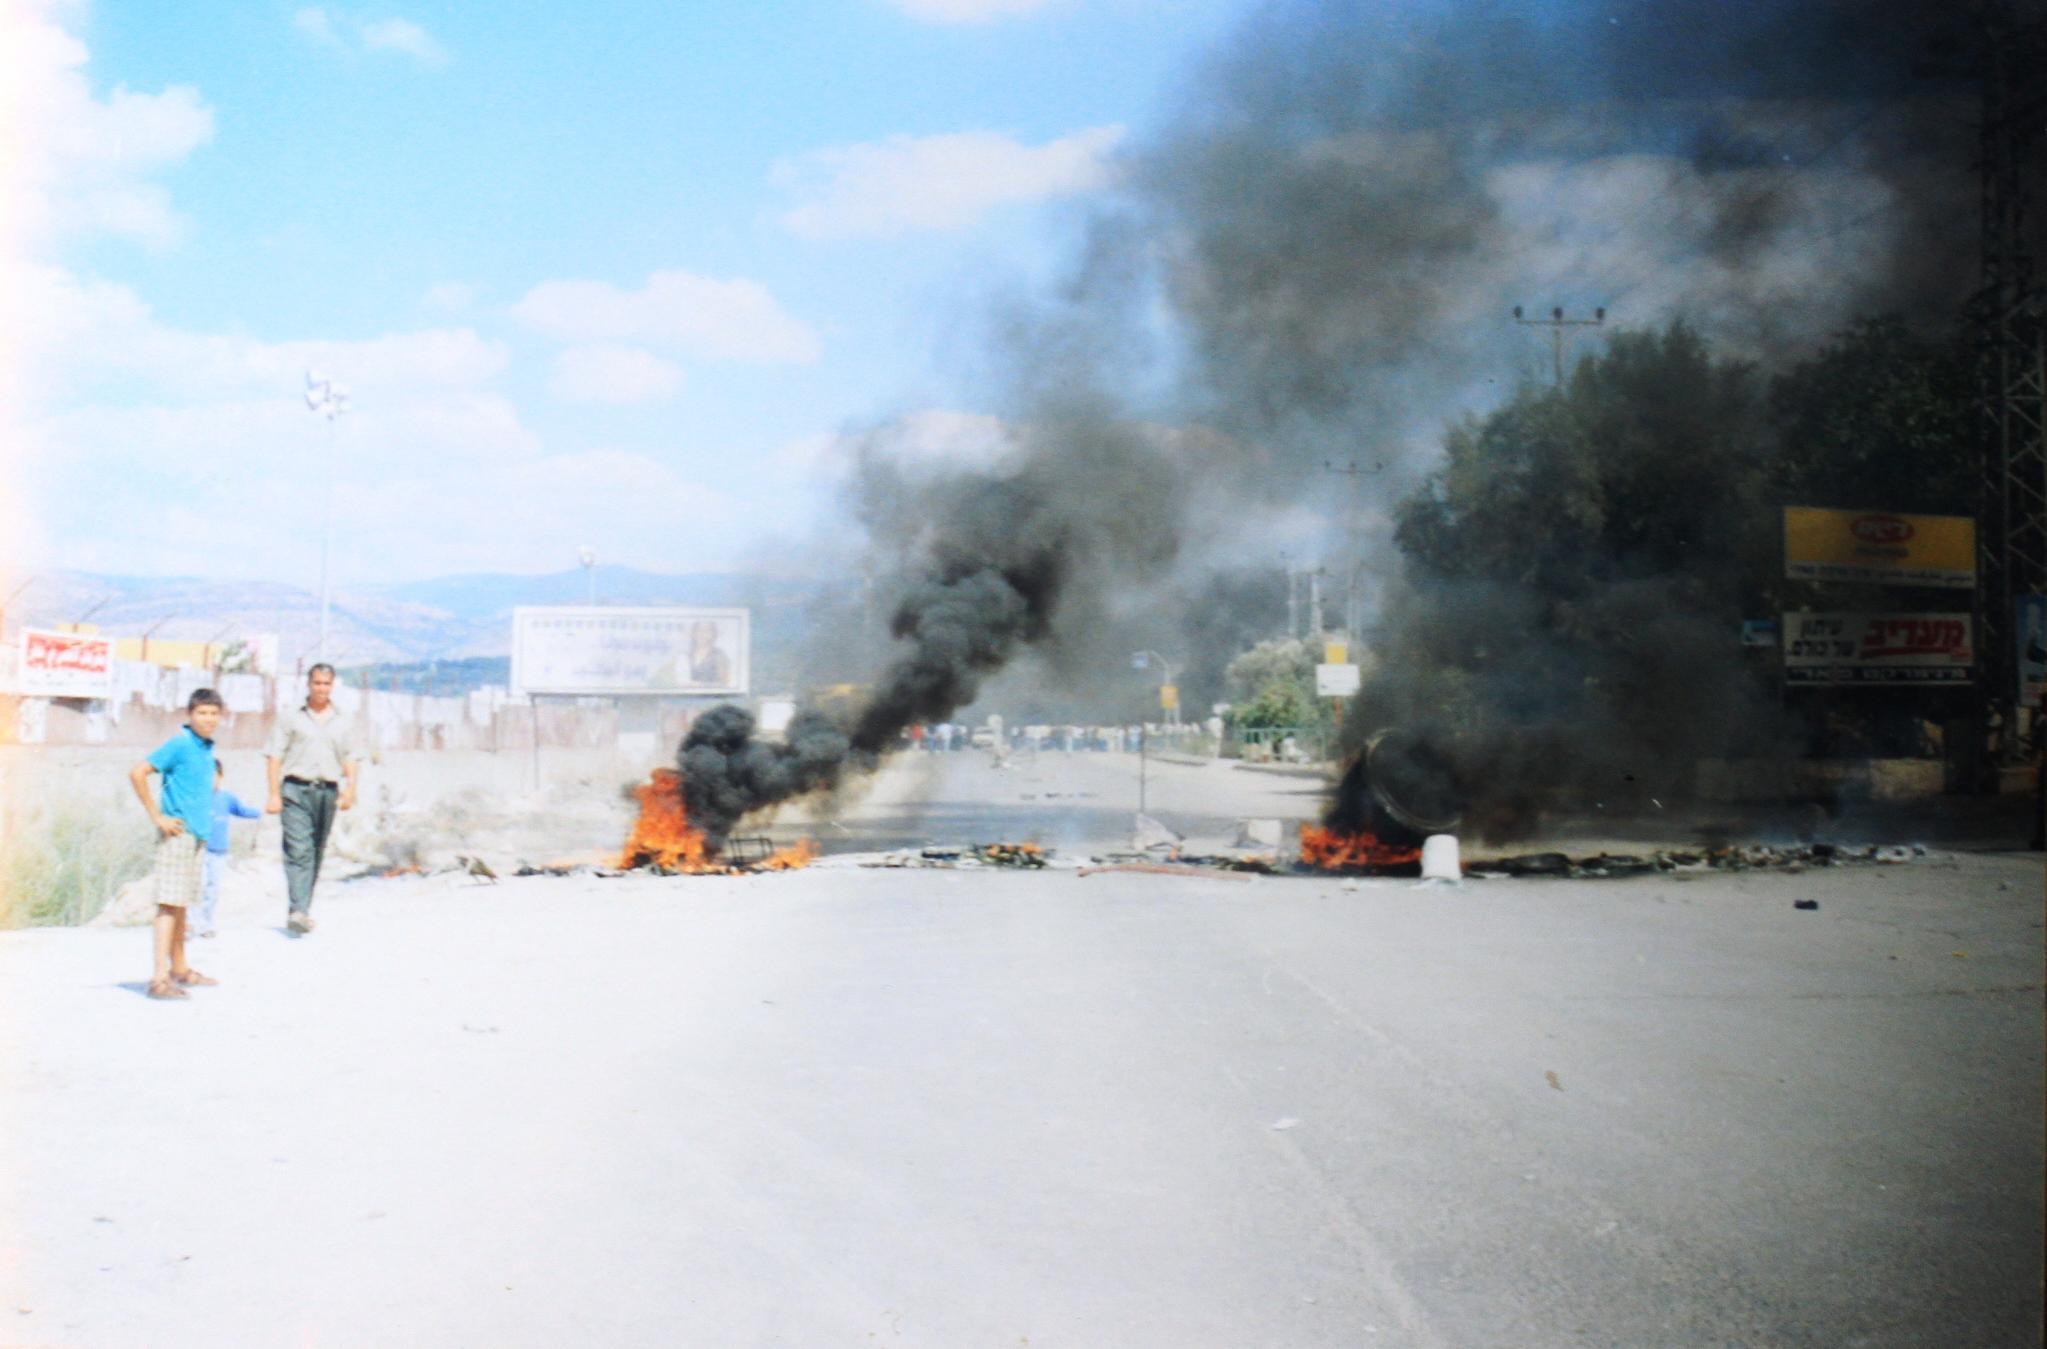 هبة القدس والأقصى: مئات الجرحى والمعتقلين في ملف النسيان